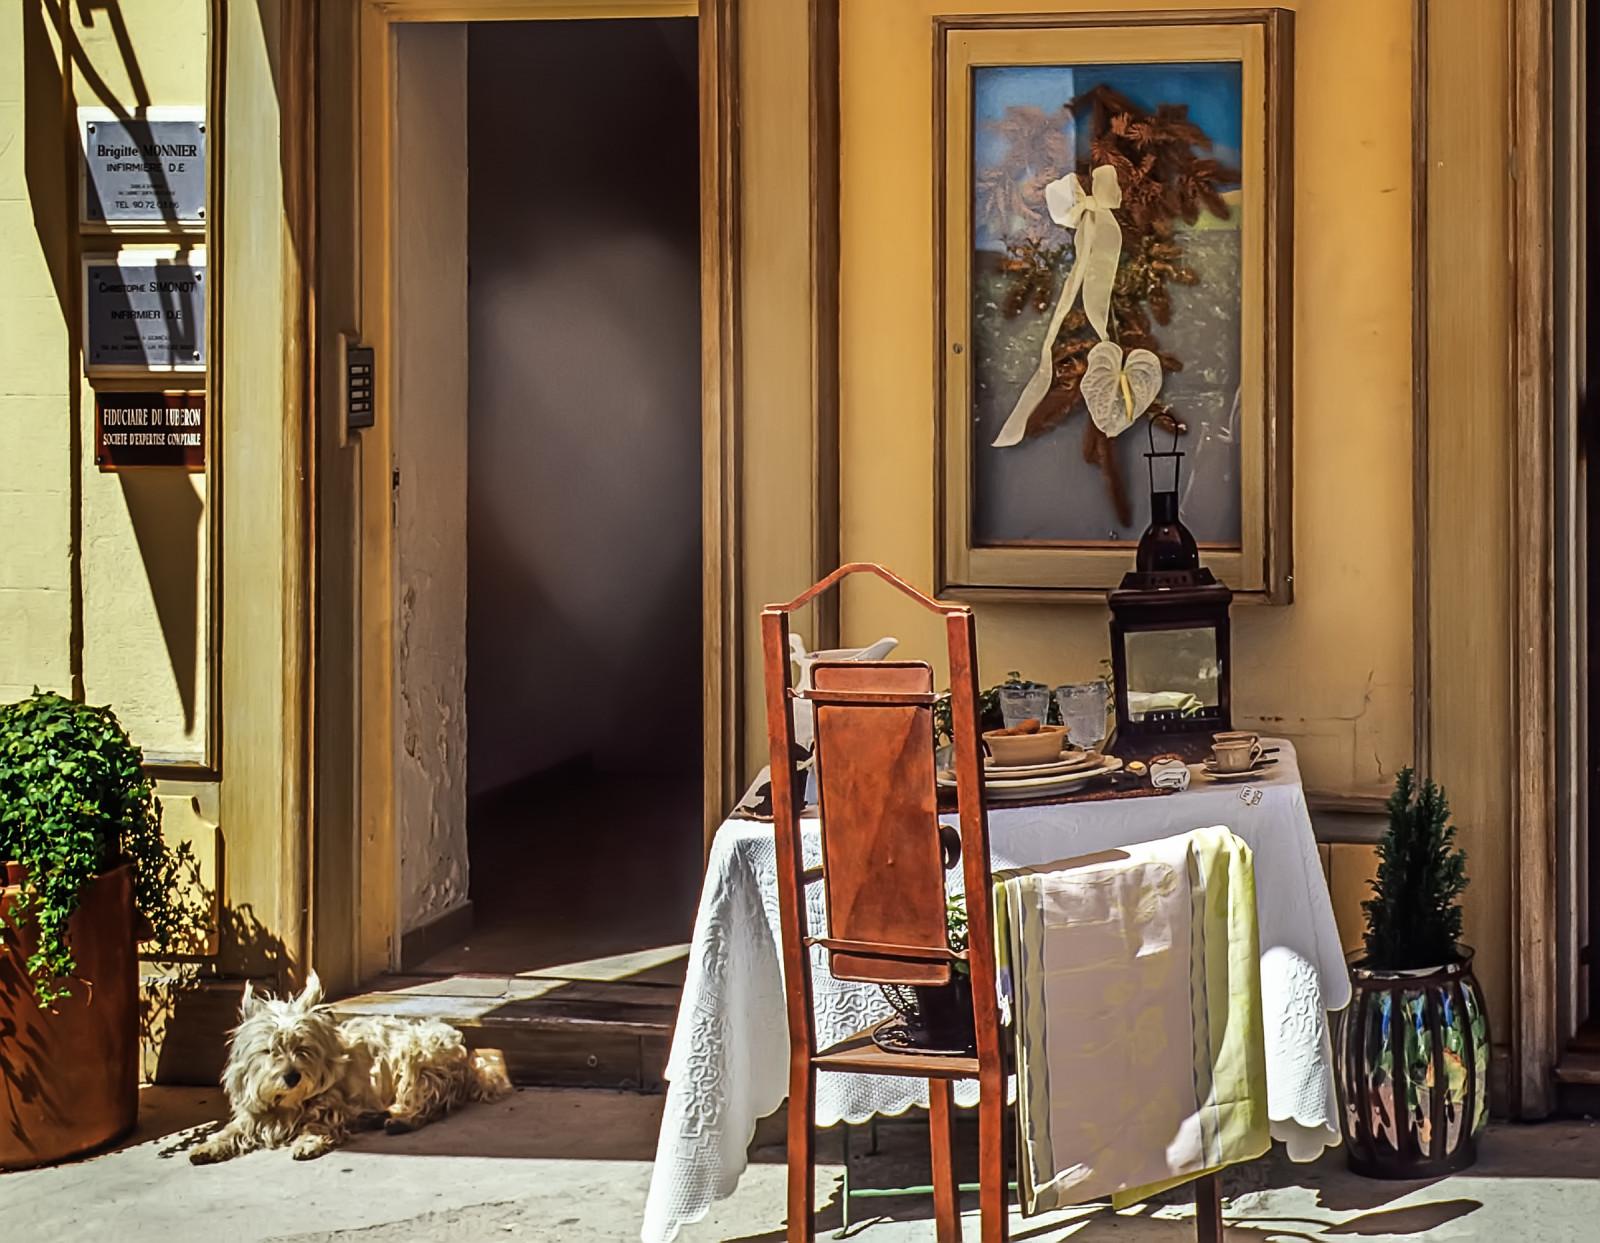 Fantastisch Hintergrundbilder : Malerei, Weiß, Schwarz, Fenster, Zimmer, Tabelle, Haus,  Grün, Sessel, Hund, Tür, Frankreich, Gold, Innenarchitektur, Provence,  Licht, ...